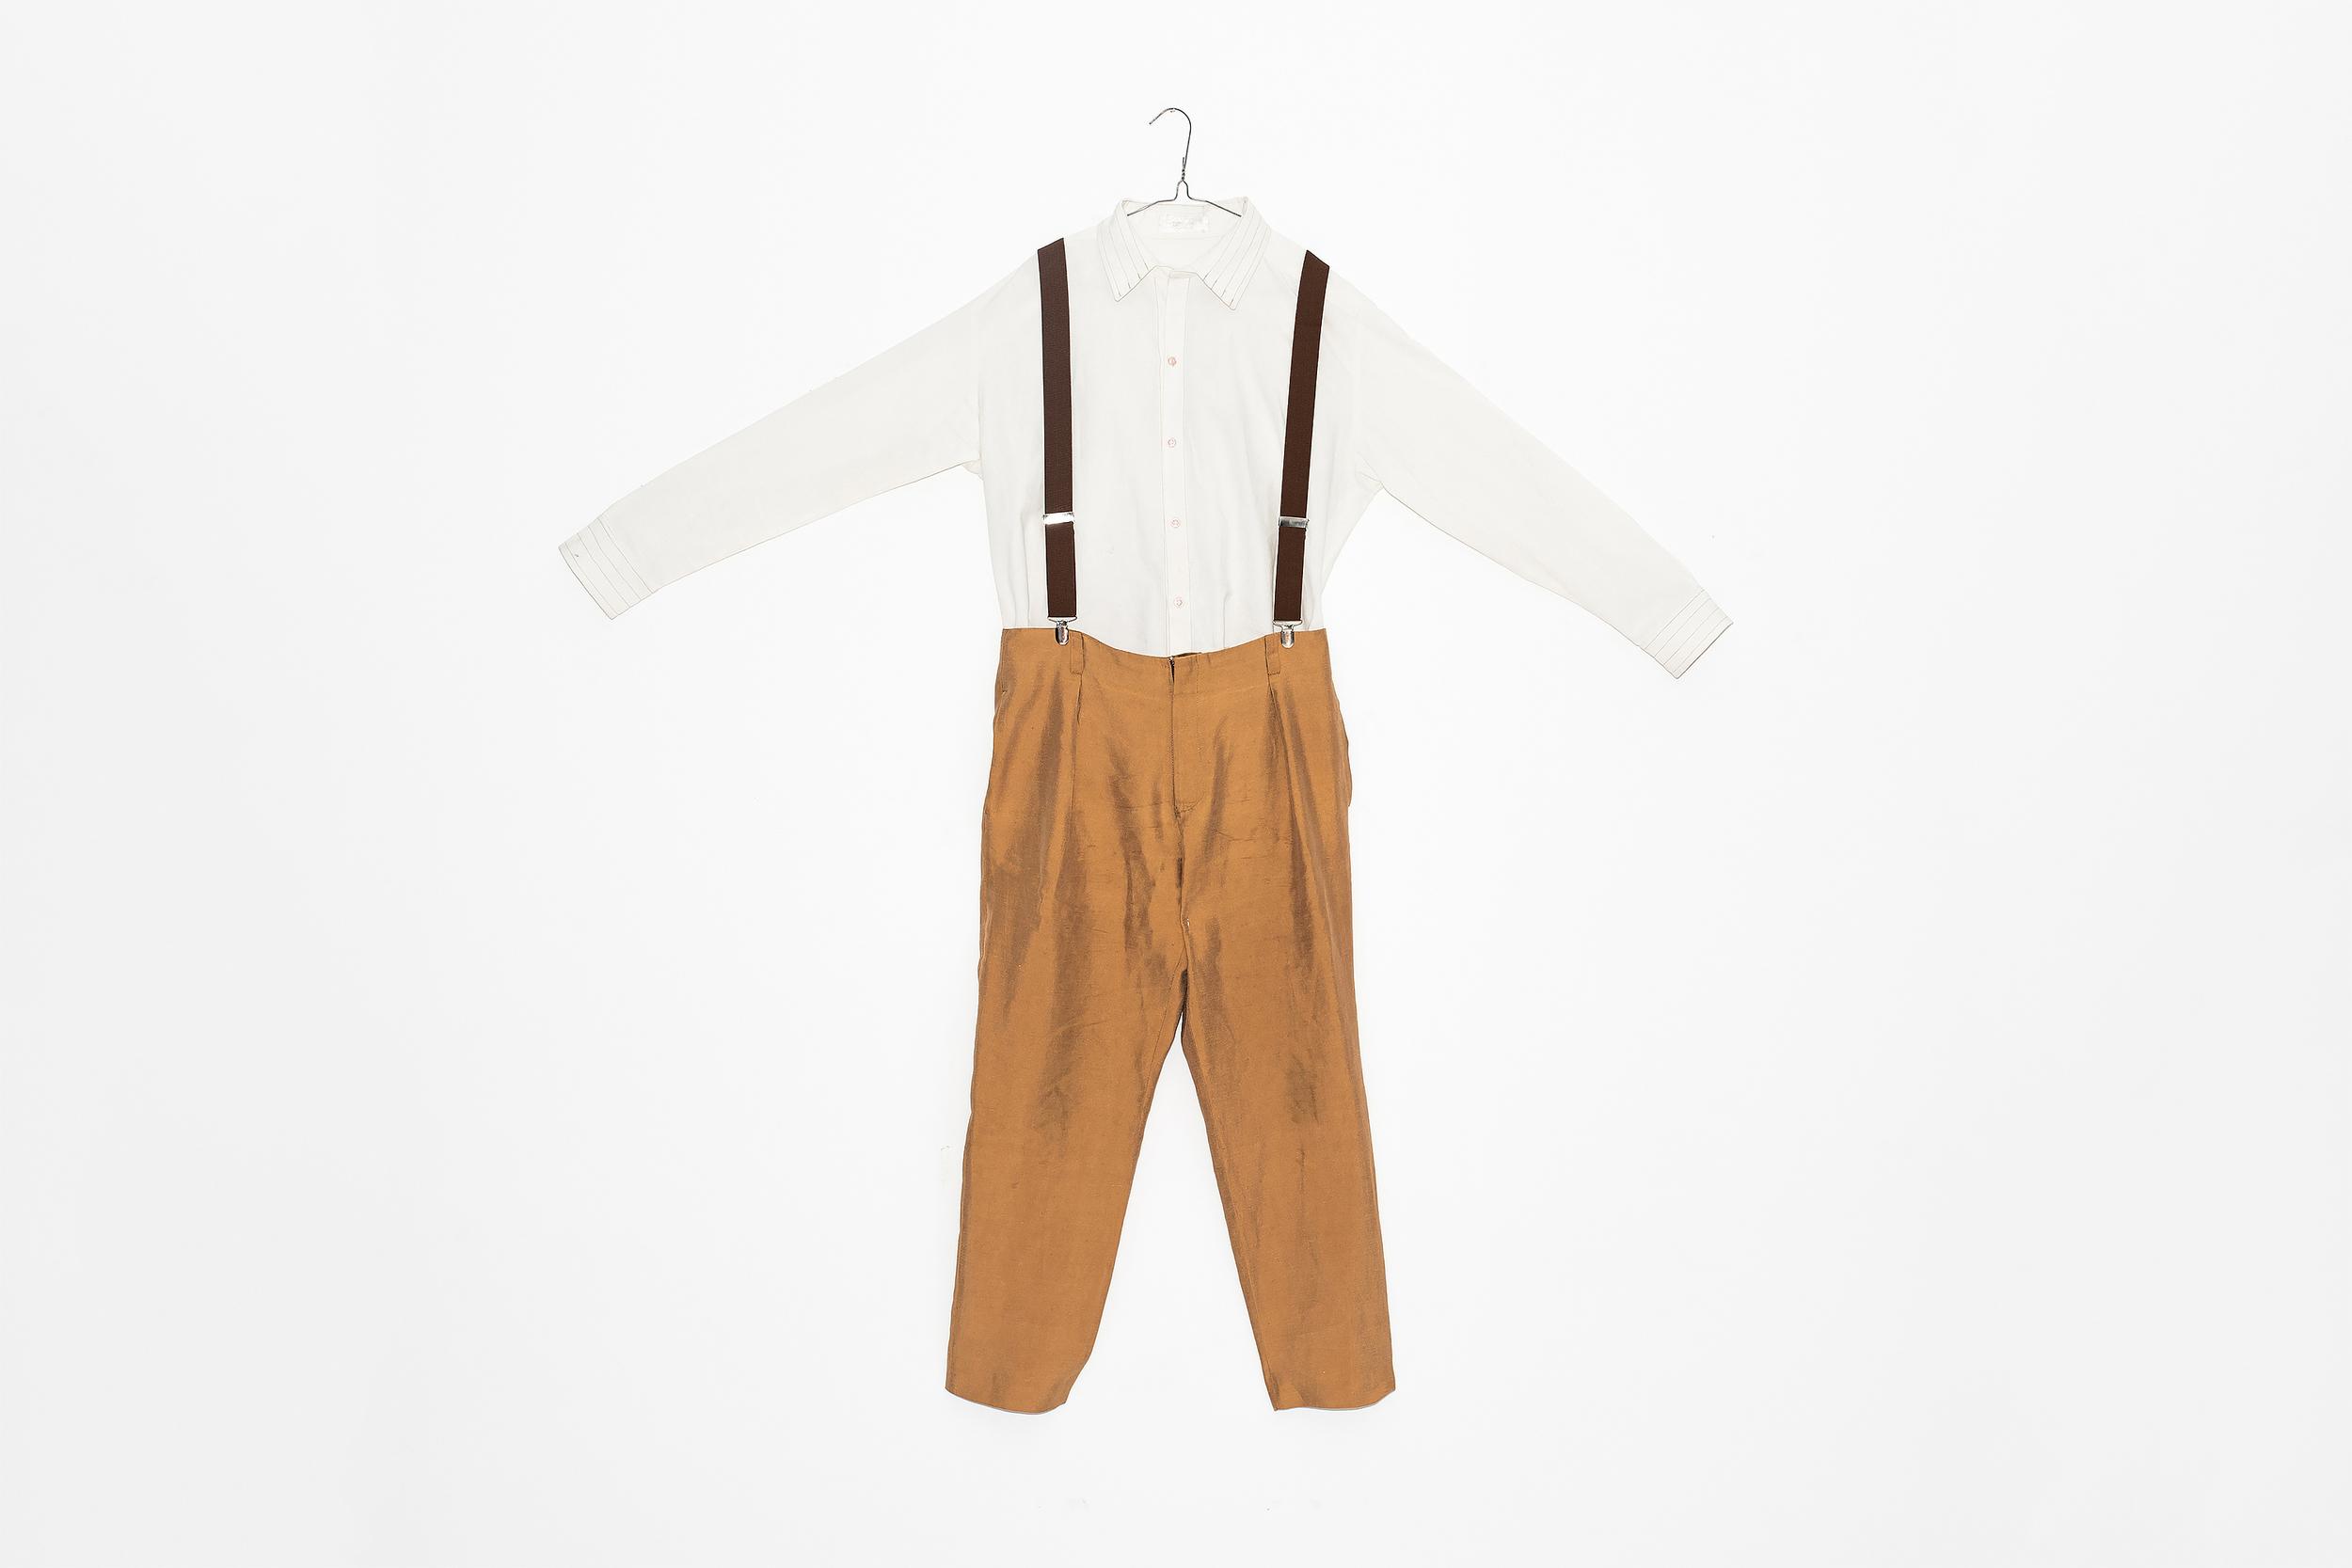 TerraComunal_Clothes-3.jpg